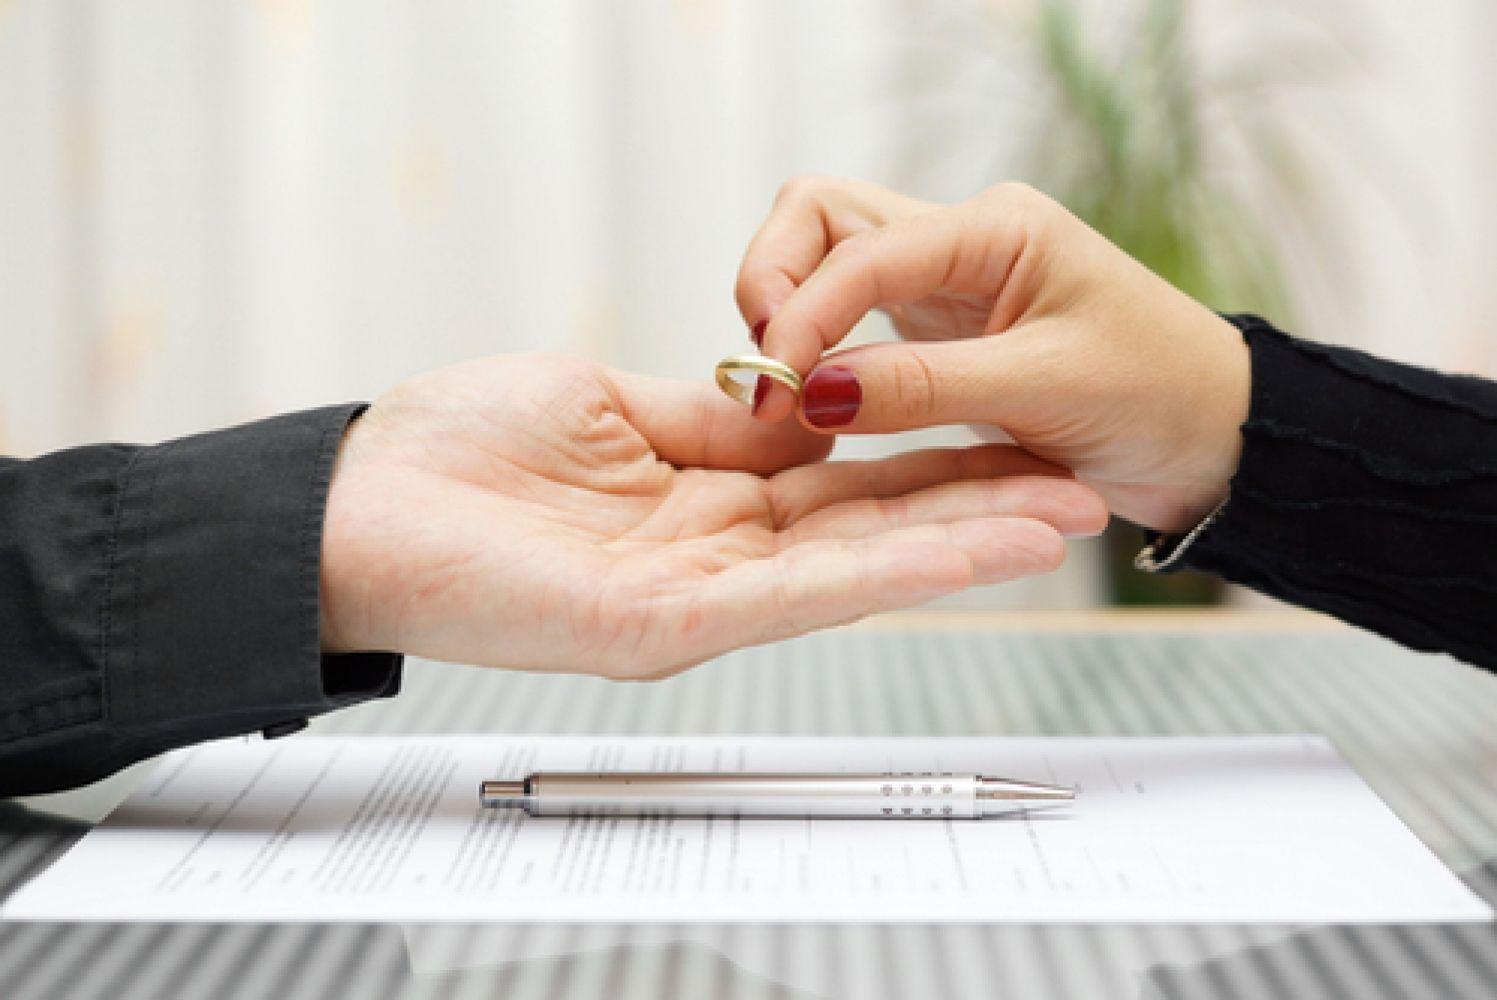 Le rôle de l'avocat dans un divorce amiable